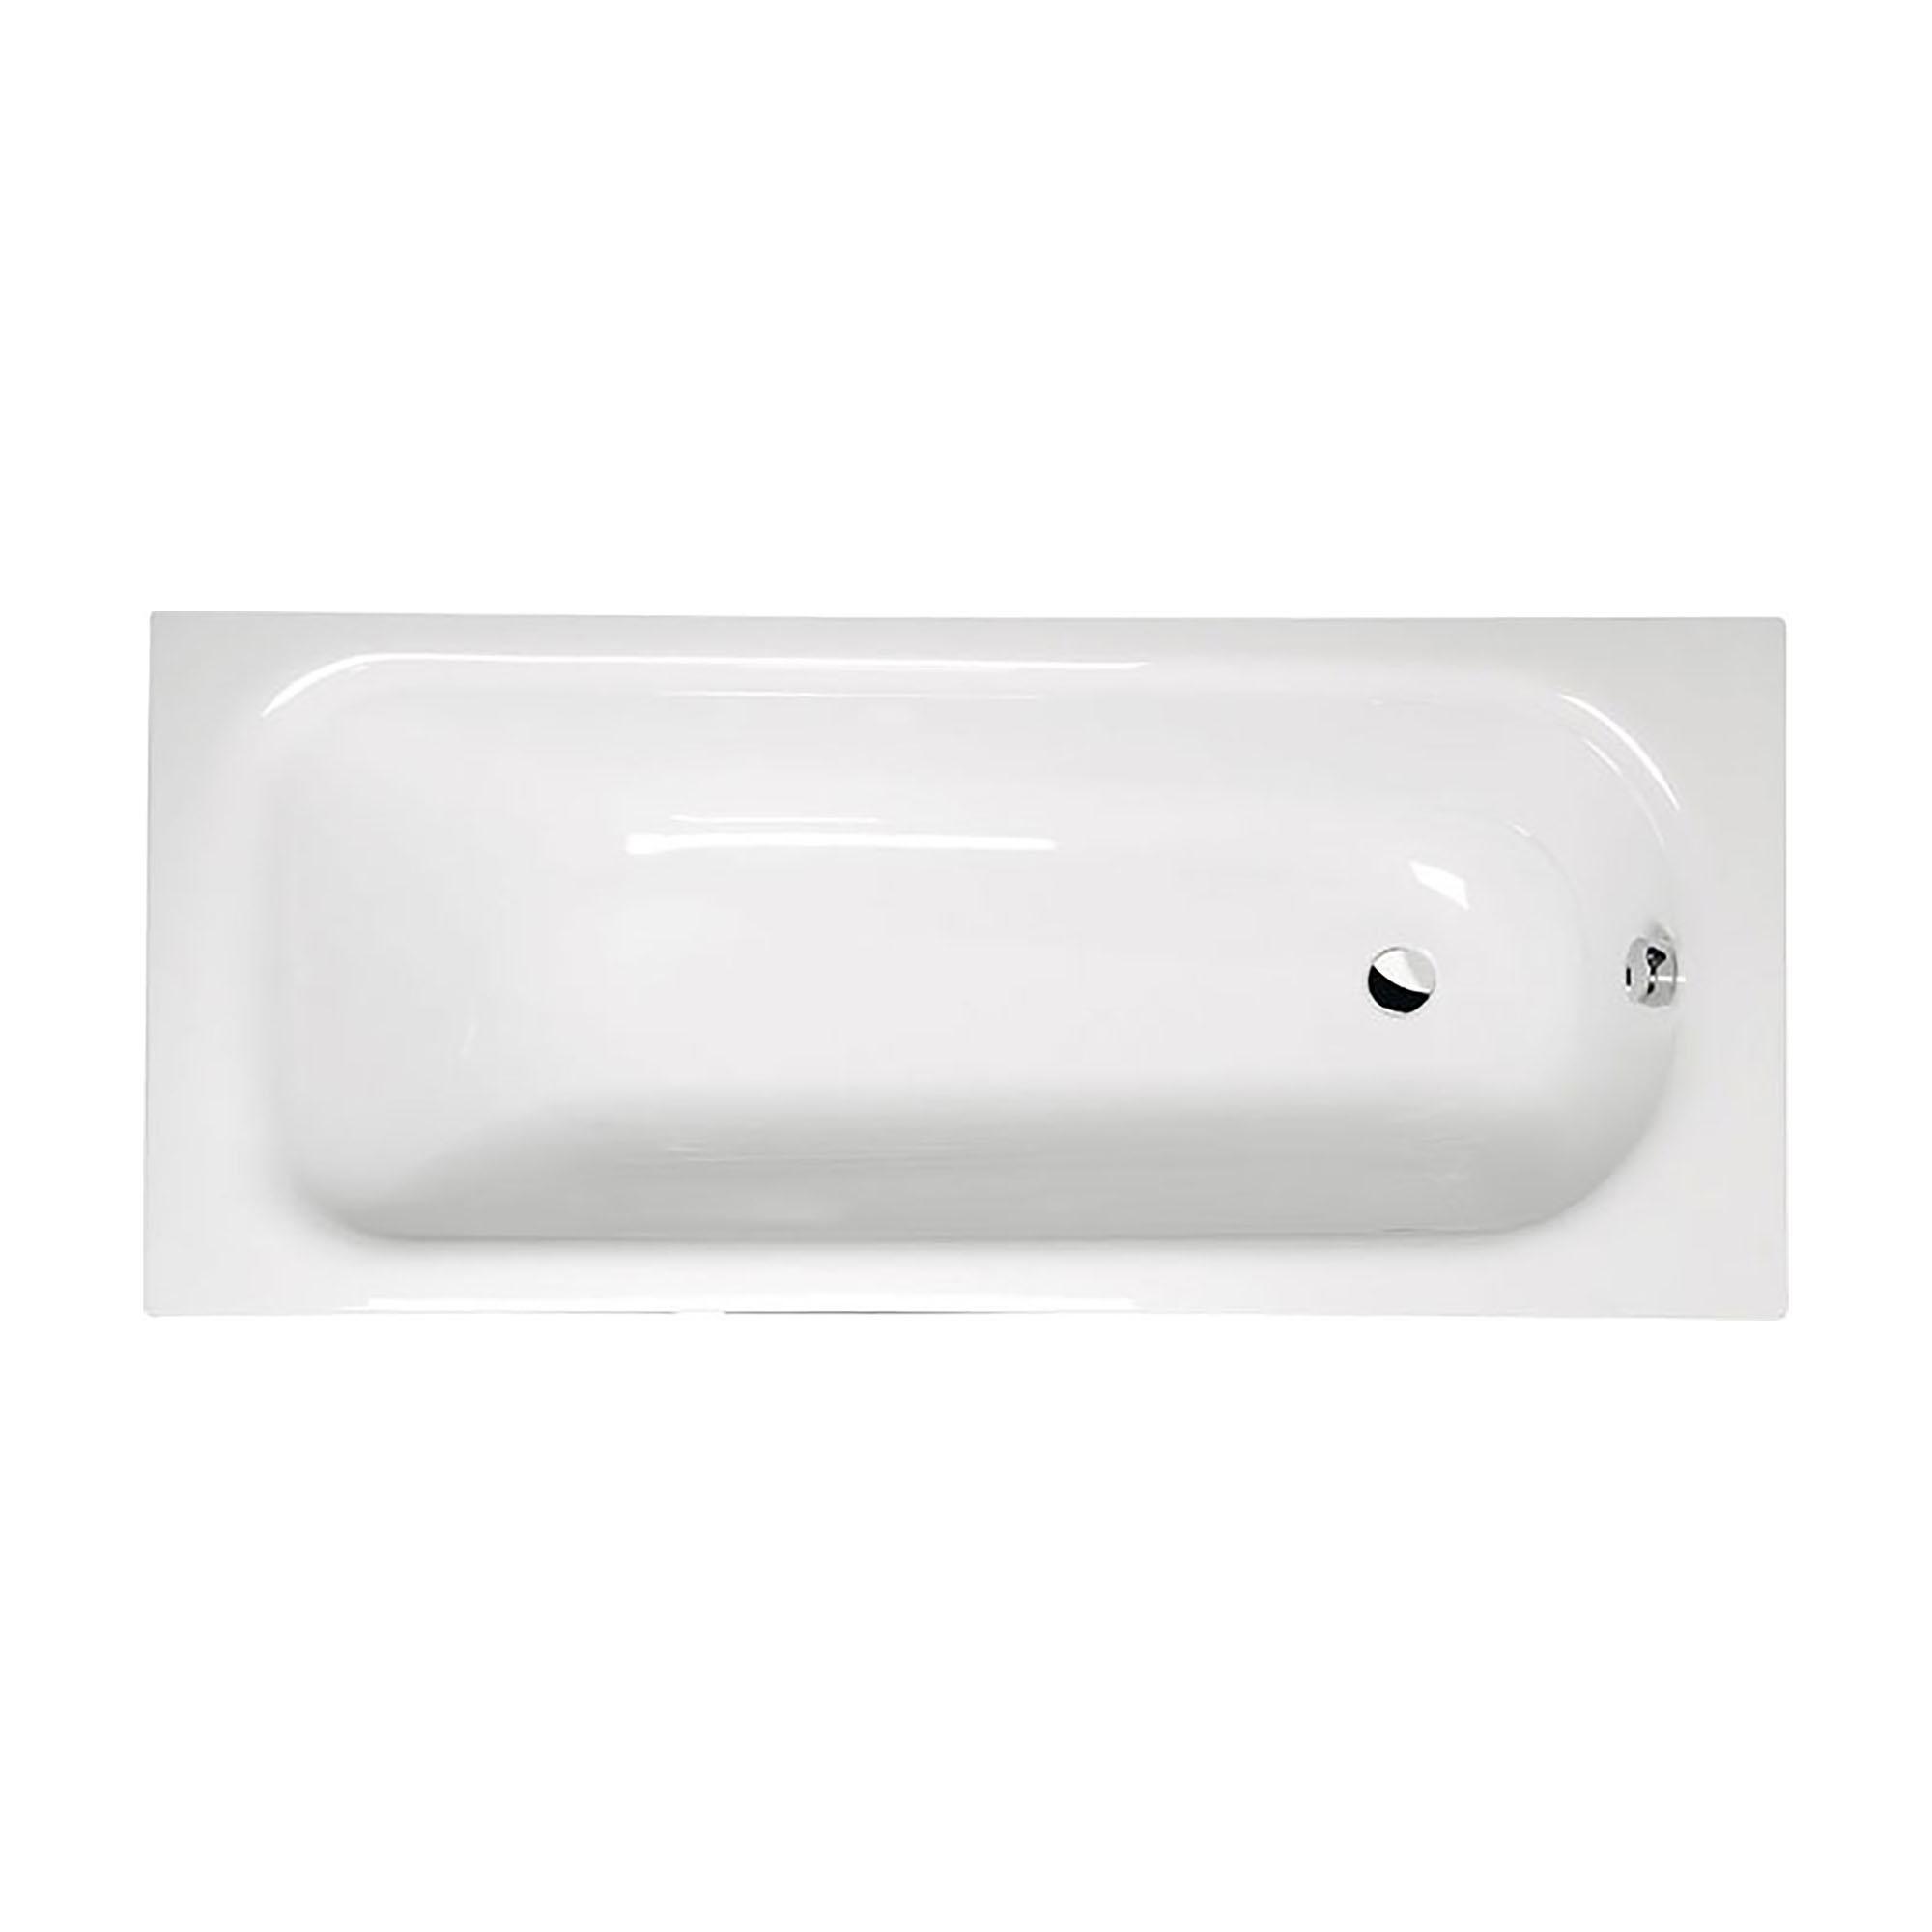 Акриловая ванна Alpen Laura 170x75 акриловая ванна alpen fontana 170x75 комплект